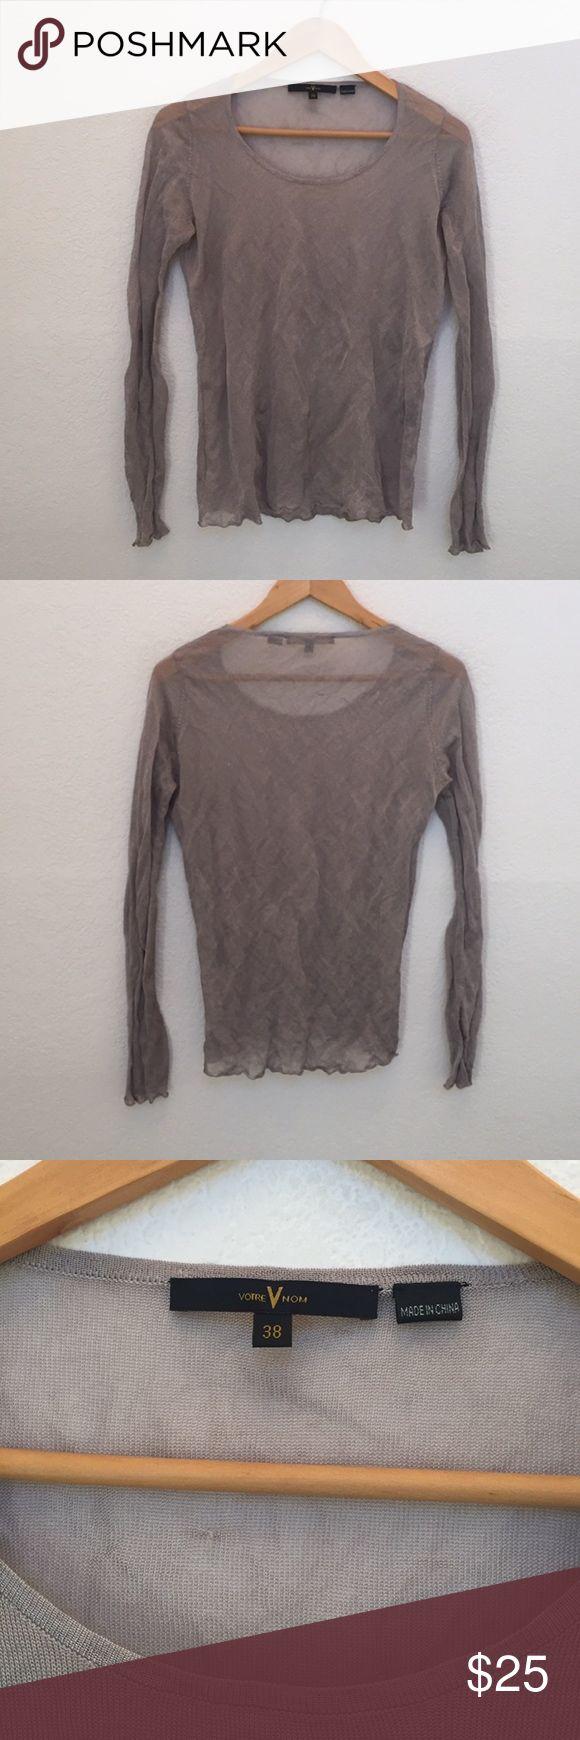 Votre nom Paris metallic long sleeve top Viscose/steel! Very unique top! Sheer so wear that lace bralette under 🙌 votre nom Tops